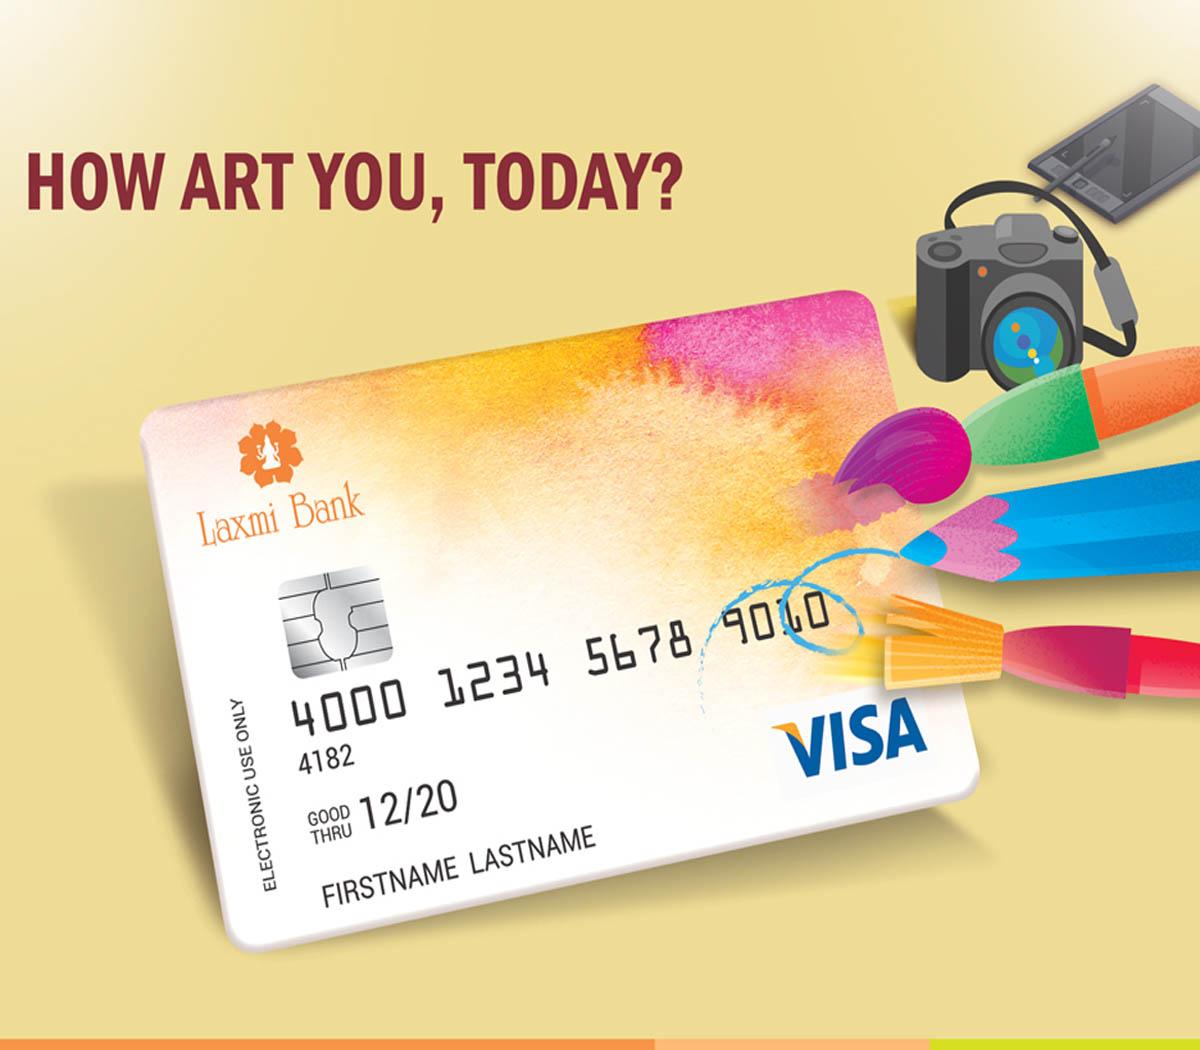 क्राउड सोर्सिङमार्फत लक्ष्मी बैंकको भिसा कार्ड डिजाइनको खोजी